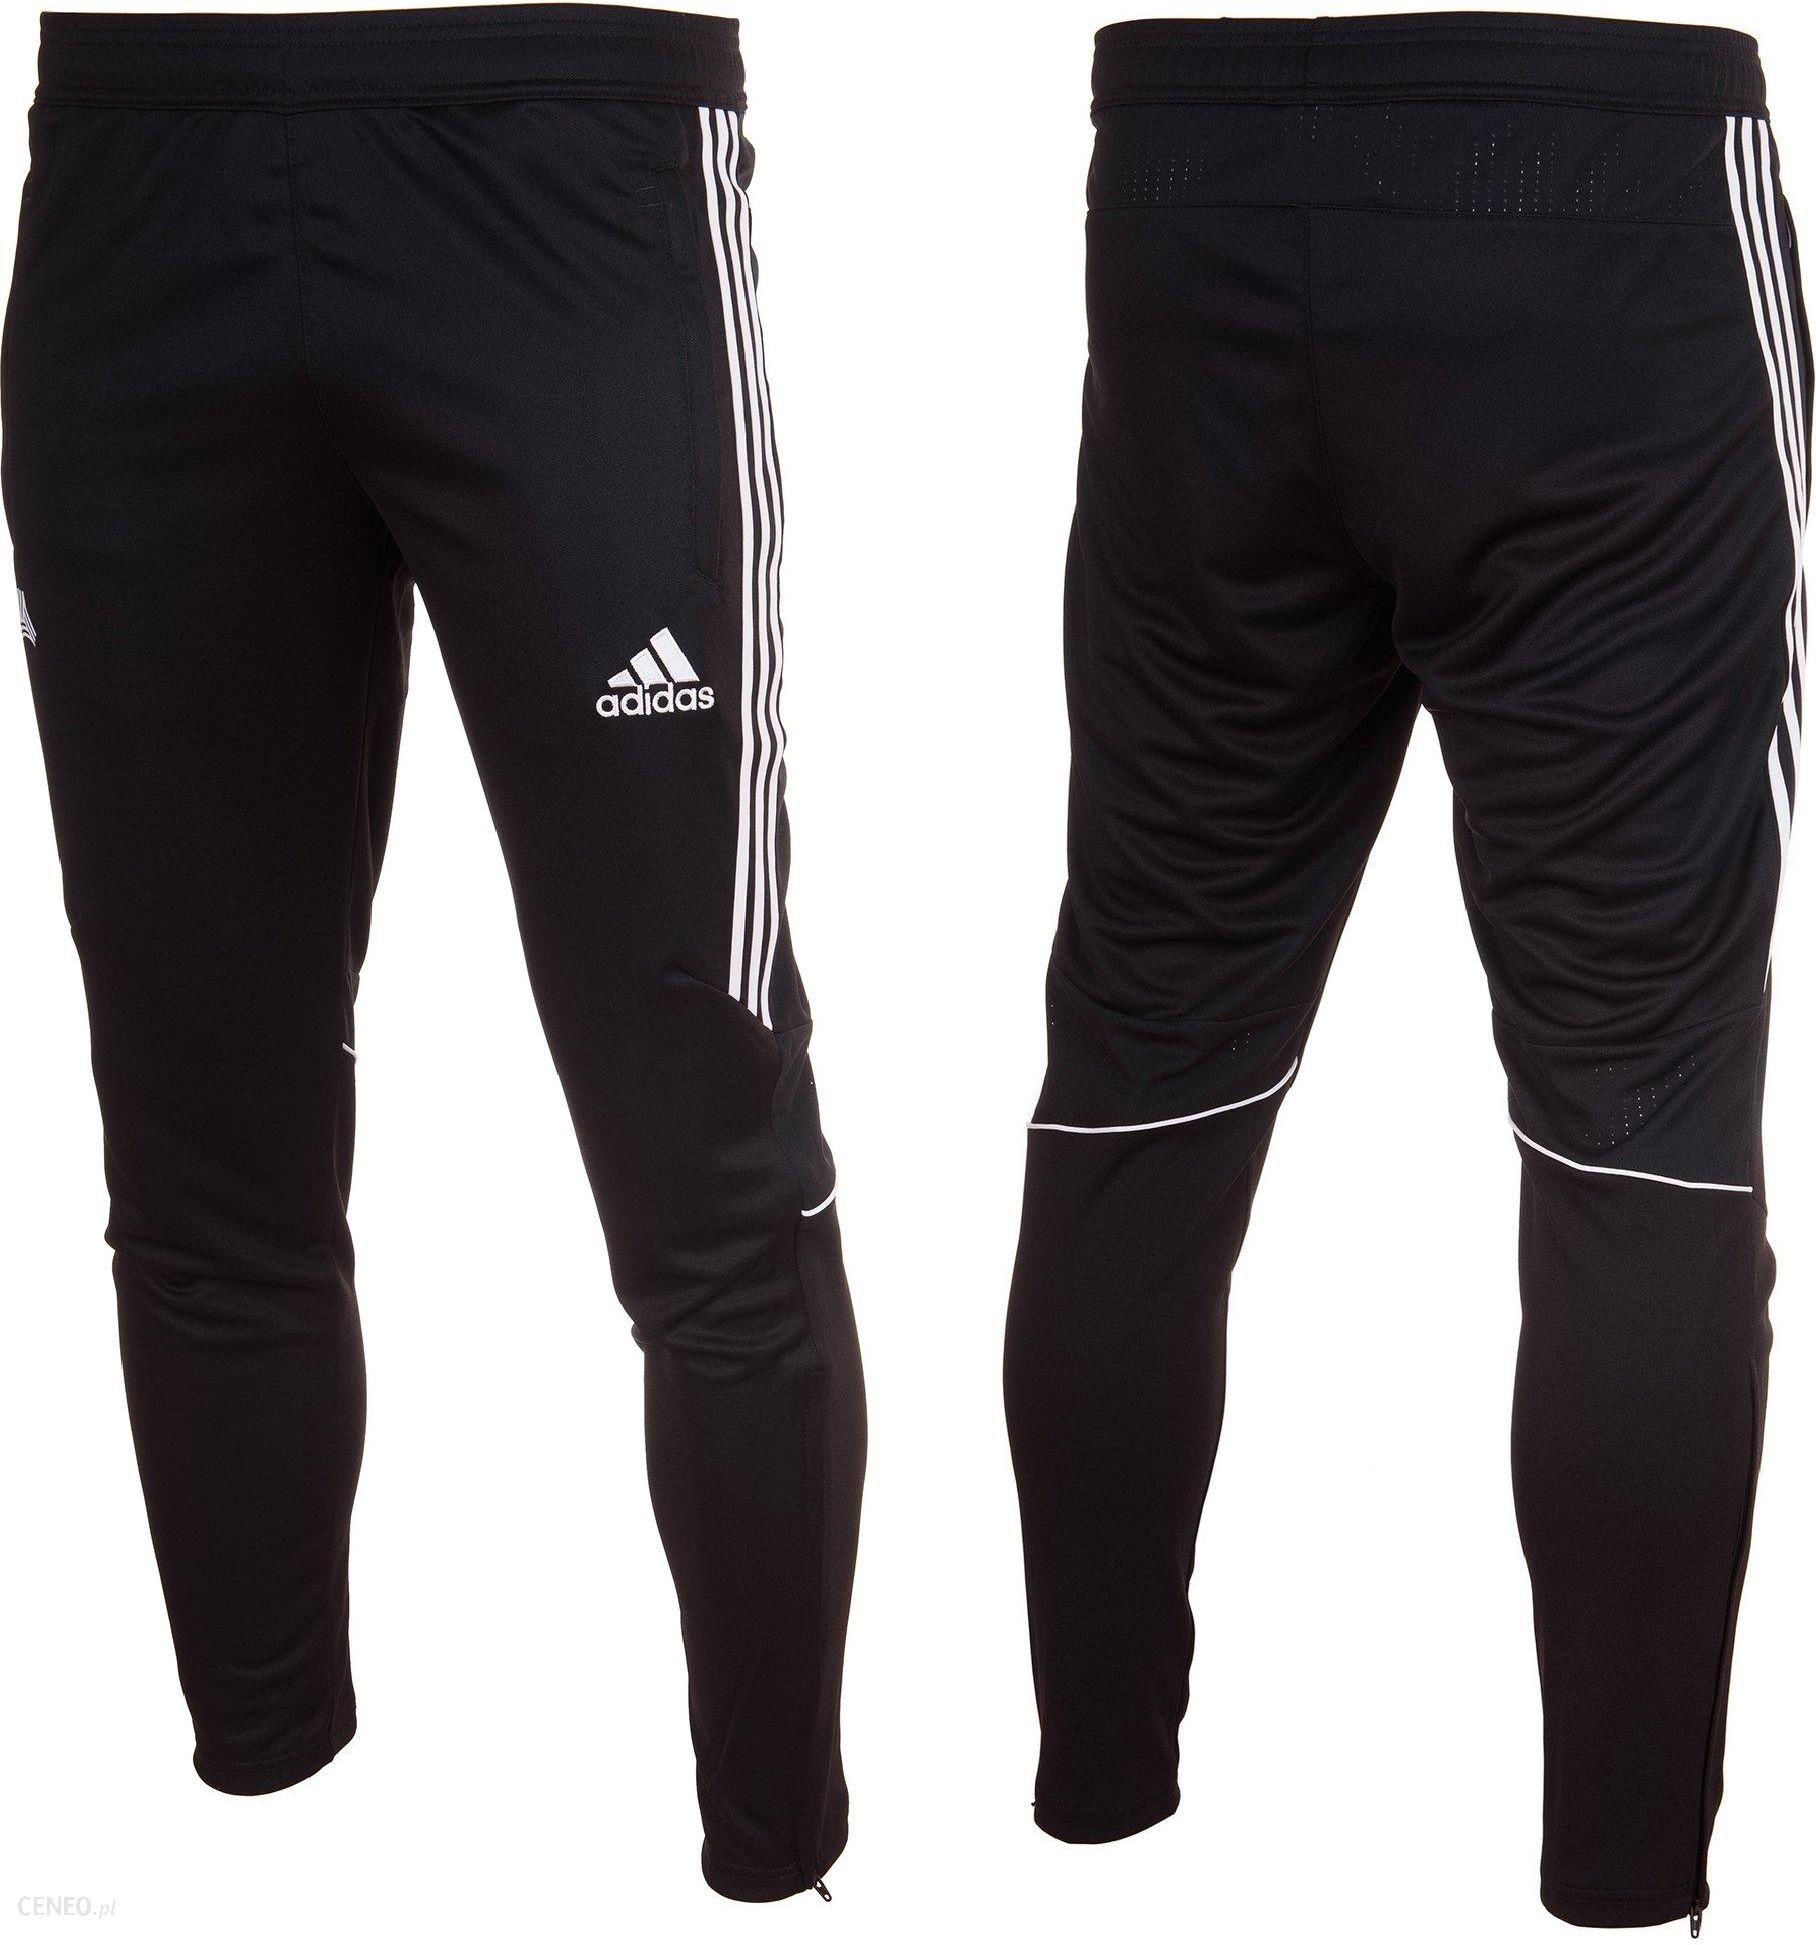 Spodnie Adidas Condivo DBU męskie dresy dresowe M